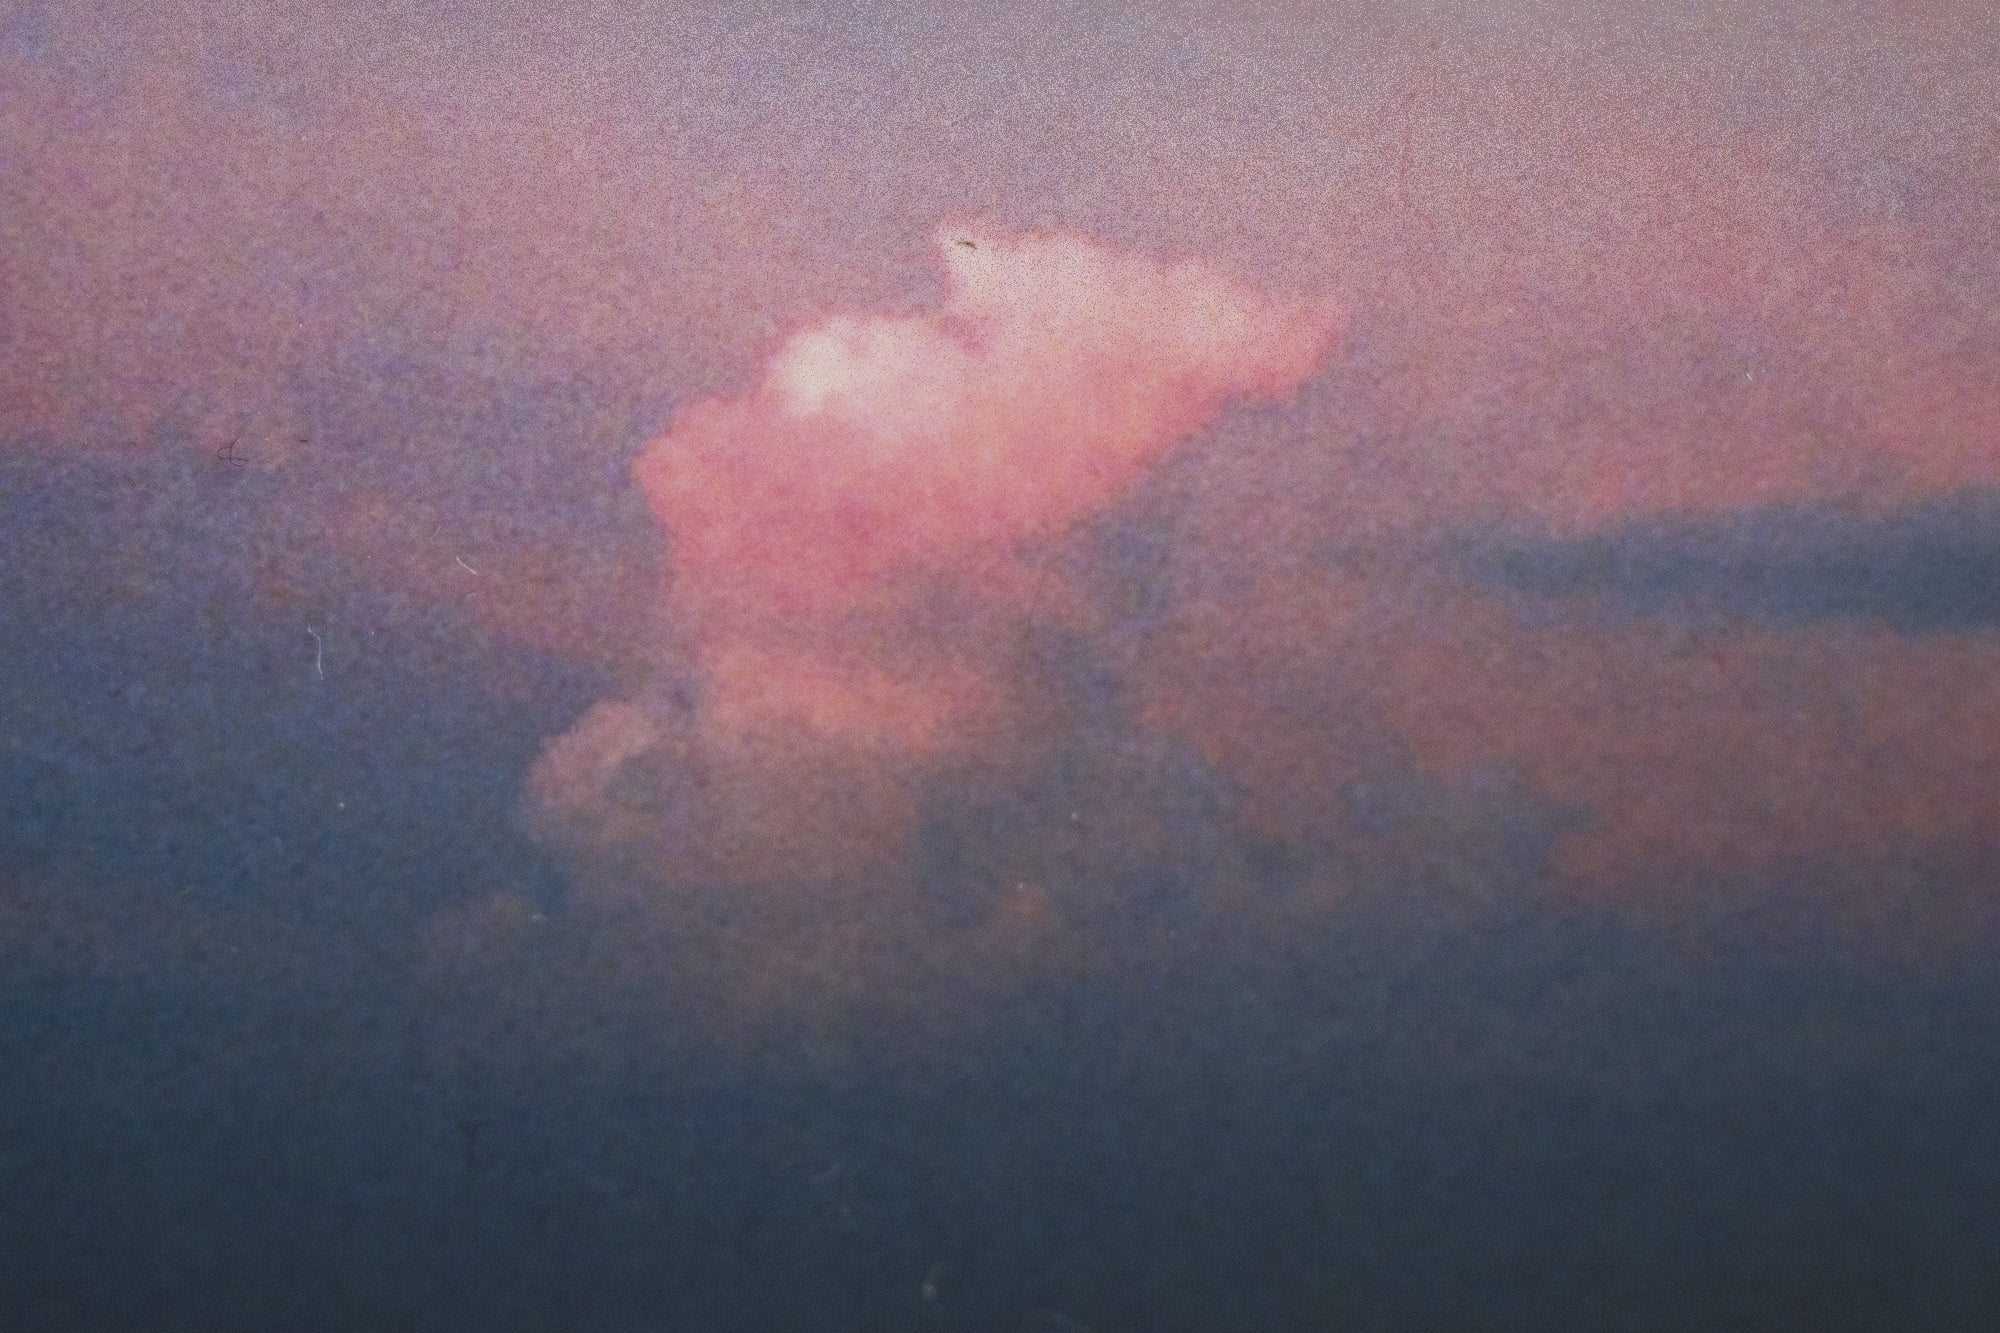 Cloud - Vietnam, 2013